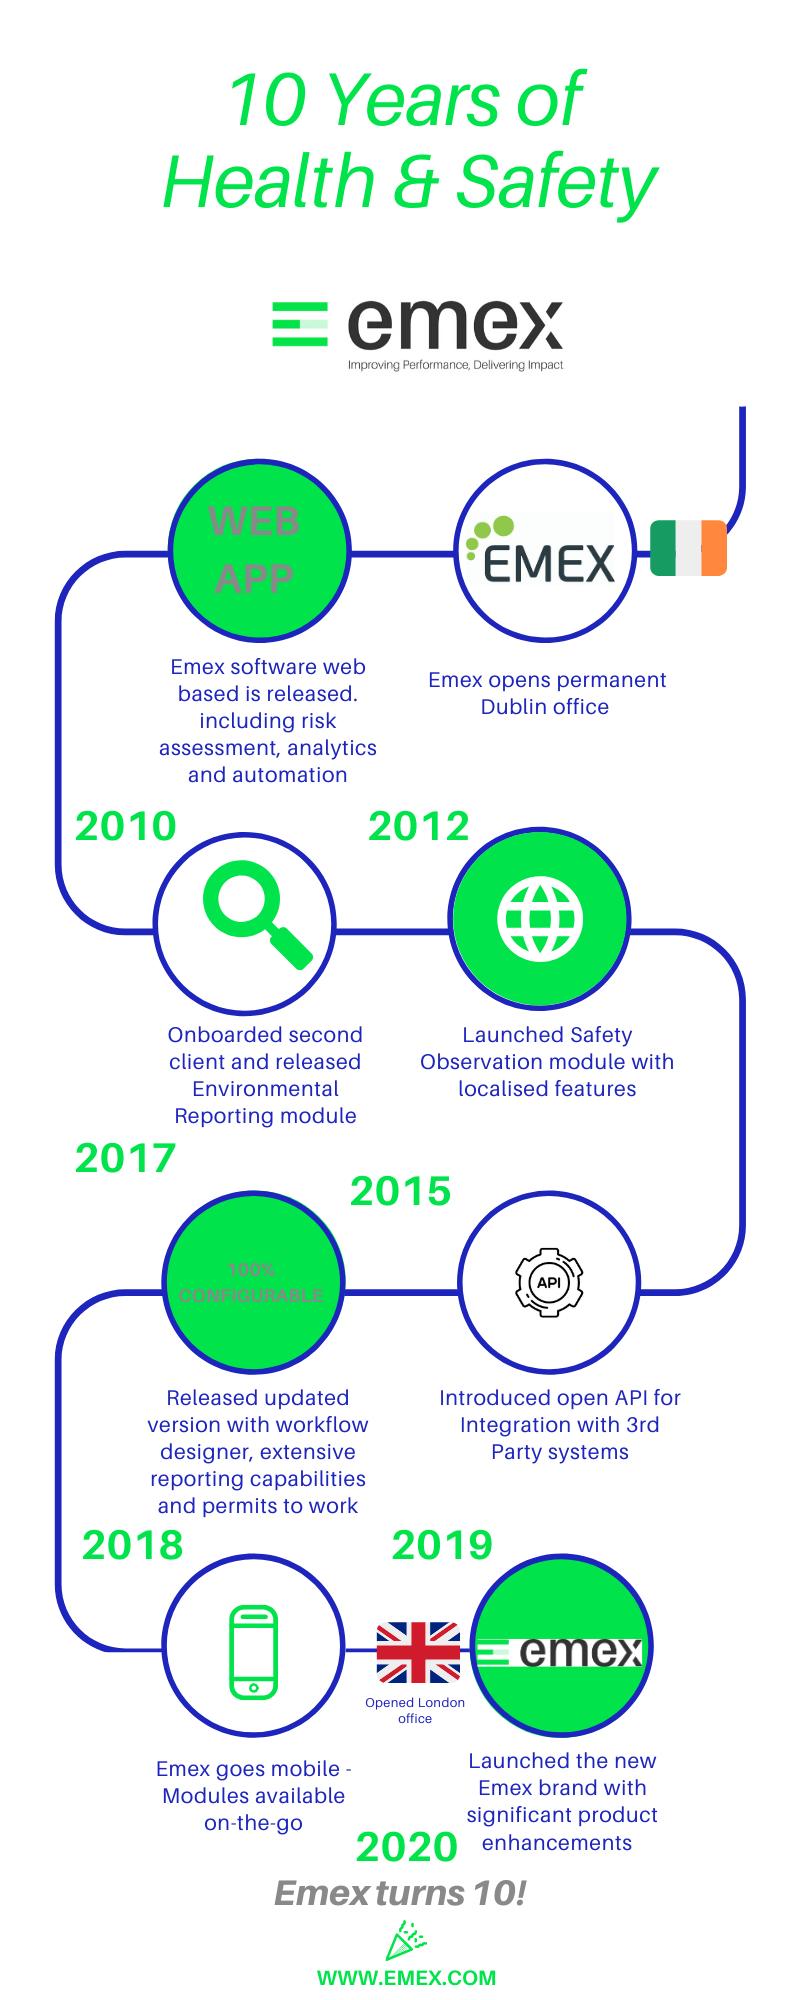 10 years of emex timeline (1)